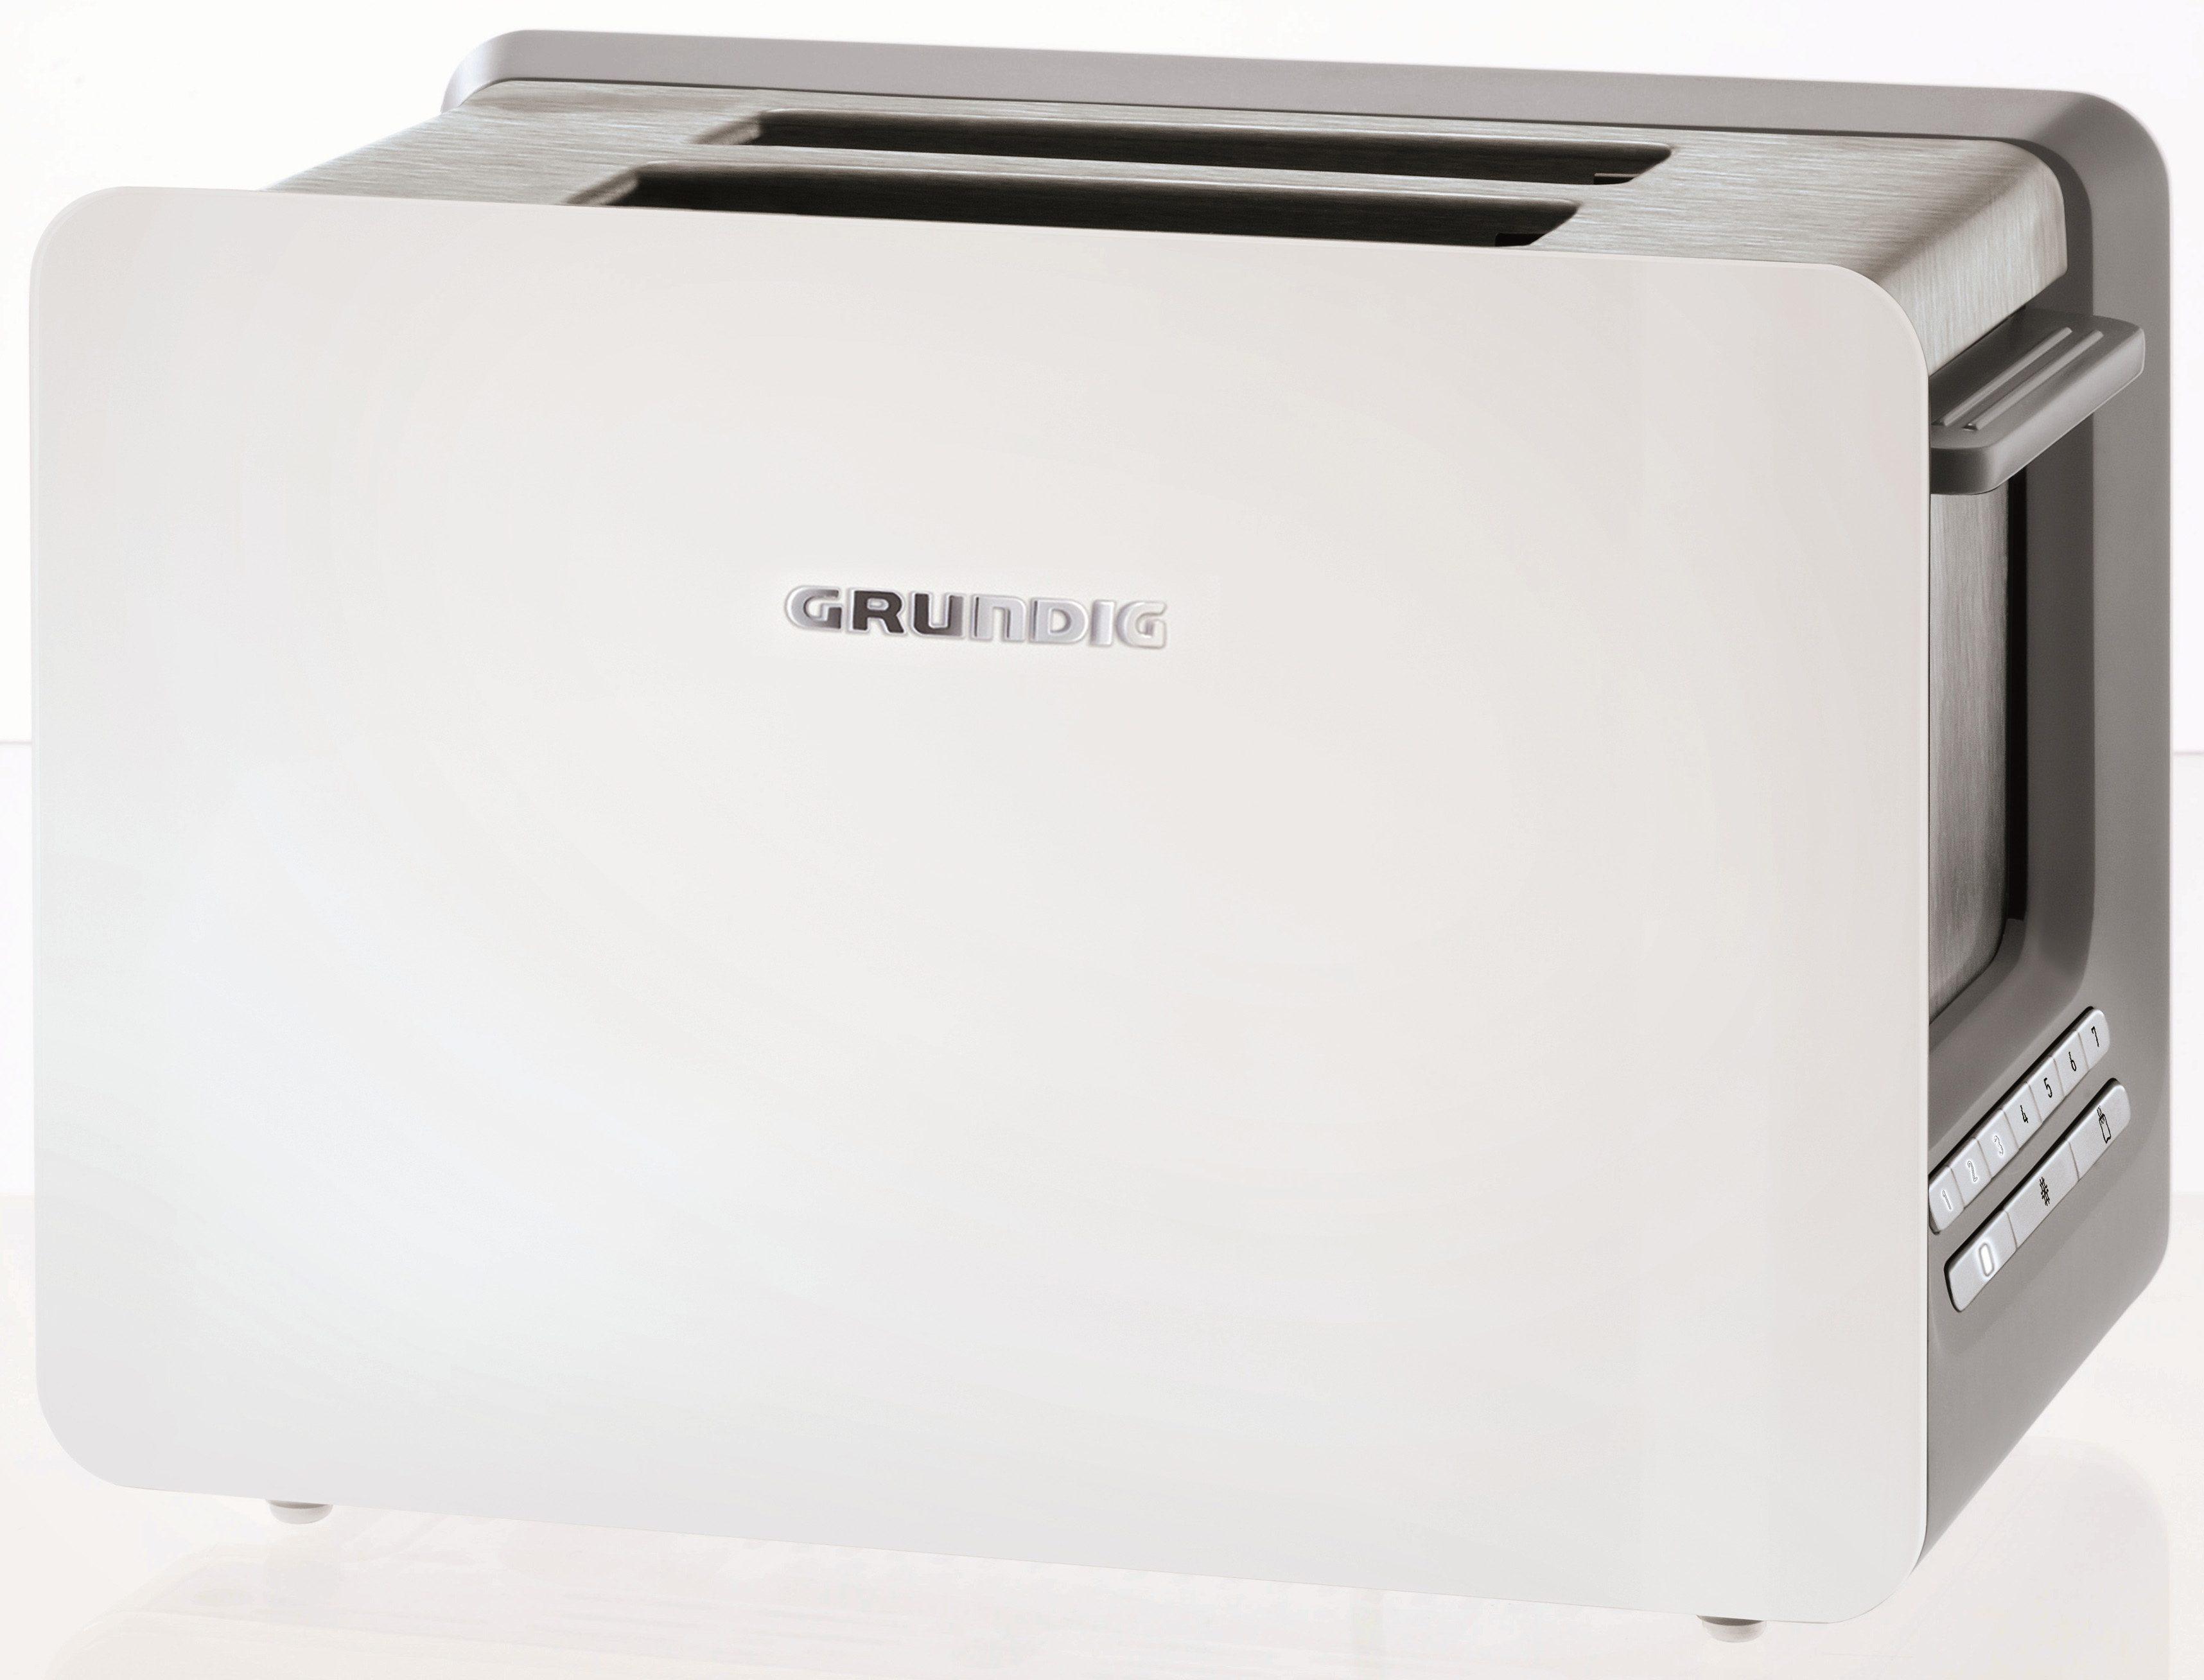 Grundig Toaster TA 7280 w »WHITE SENSE«, für 2 Scheiben, 870 Watt, Weiß-Edelstahl